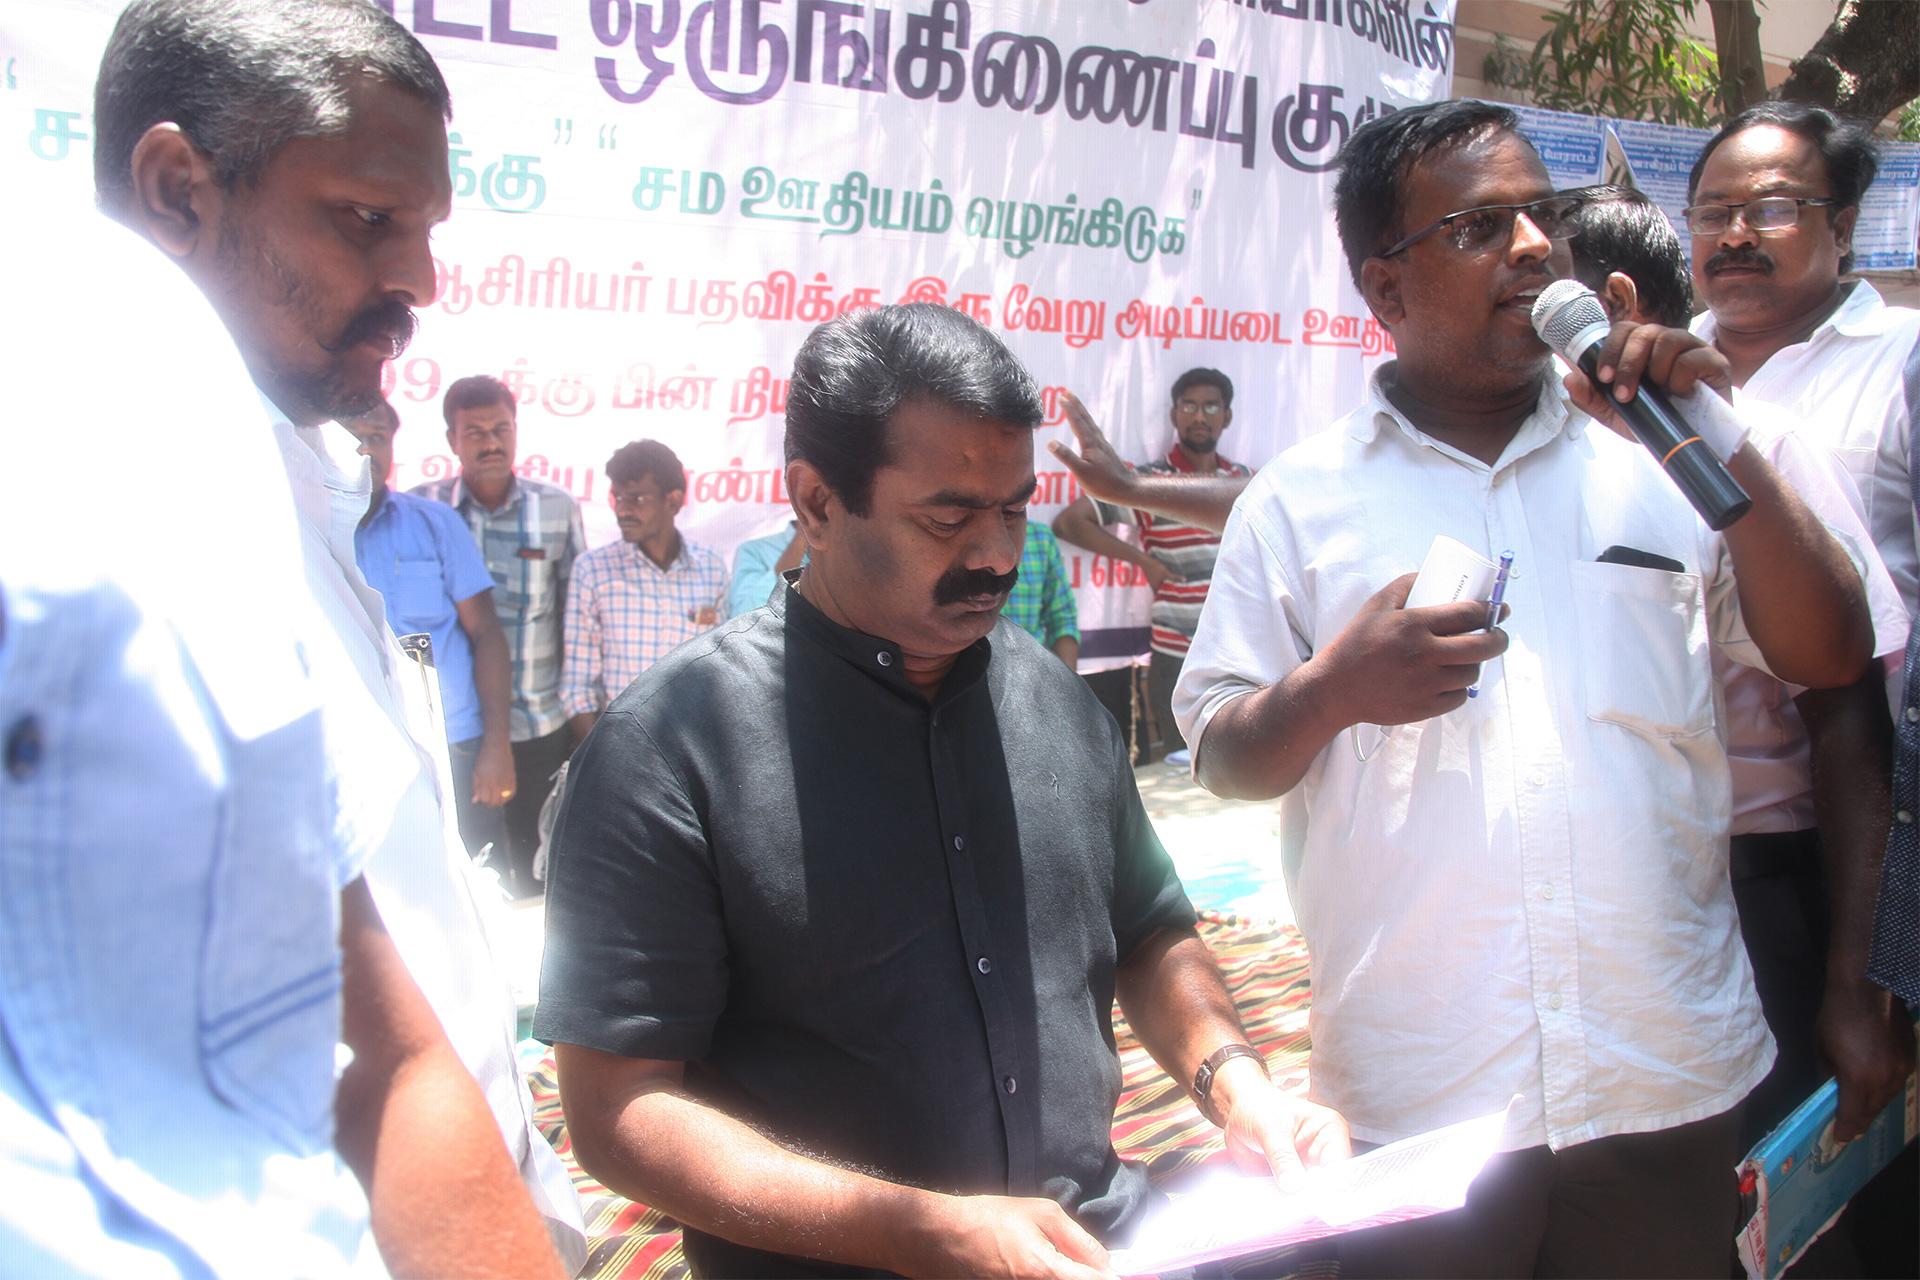 ஊதிய முரண்பாடுகளைக் களையக்கோரி இடைநிலை ஆசிரியர்கள் தொடர் போராட்டம் – சீமான் நேரில் ஆதரவு TET Secondary Teachers Protest Equal Pay For Equal Post Chennai Seeman Support 7